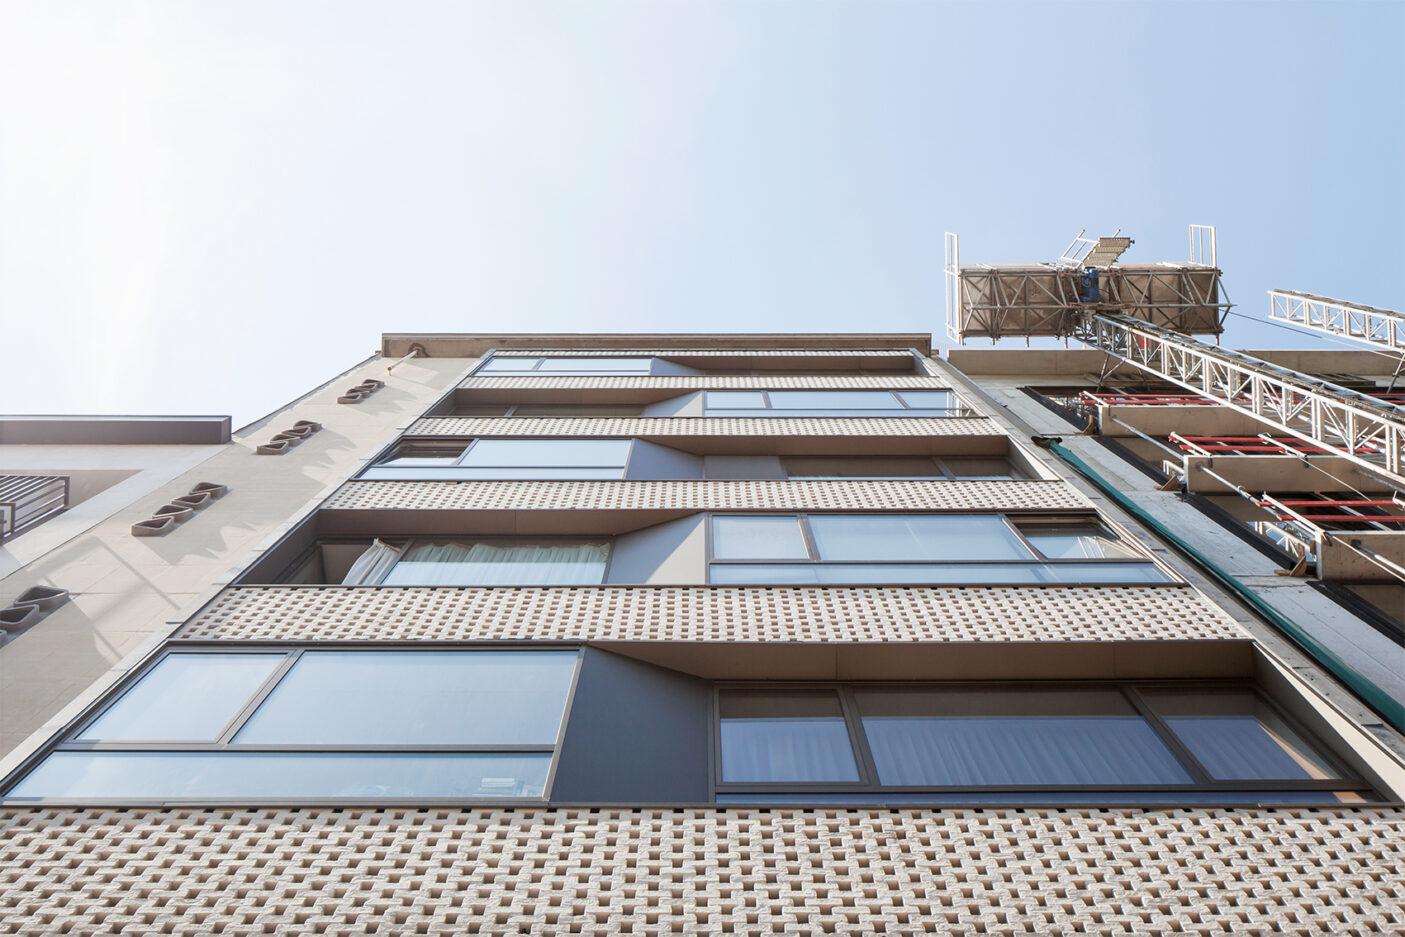 LOW-architecten-Britselei-ANTWERPEN-005web.jpg